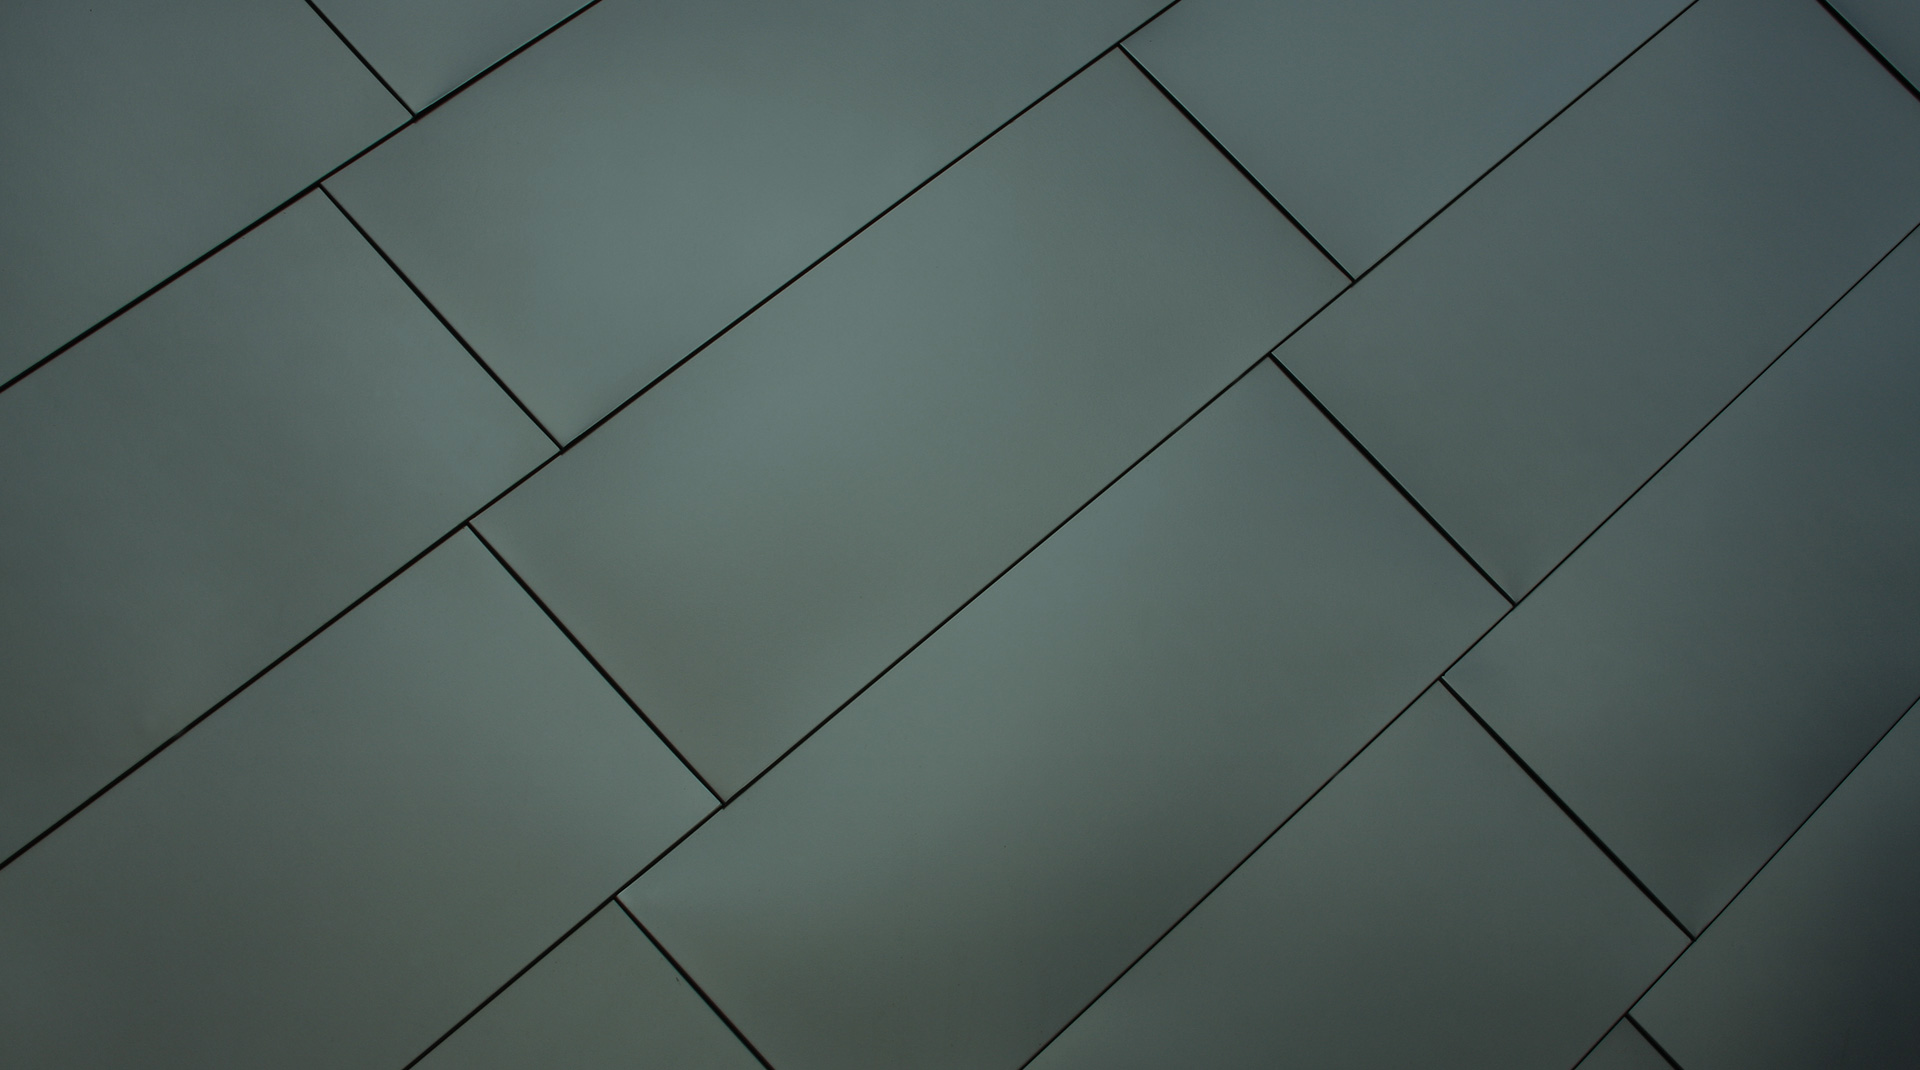 visual_pattern_zinc